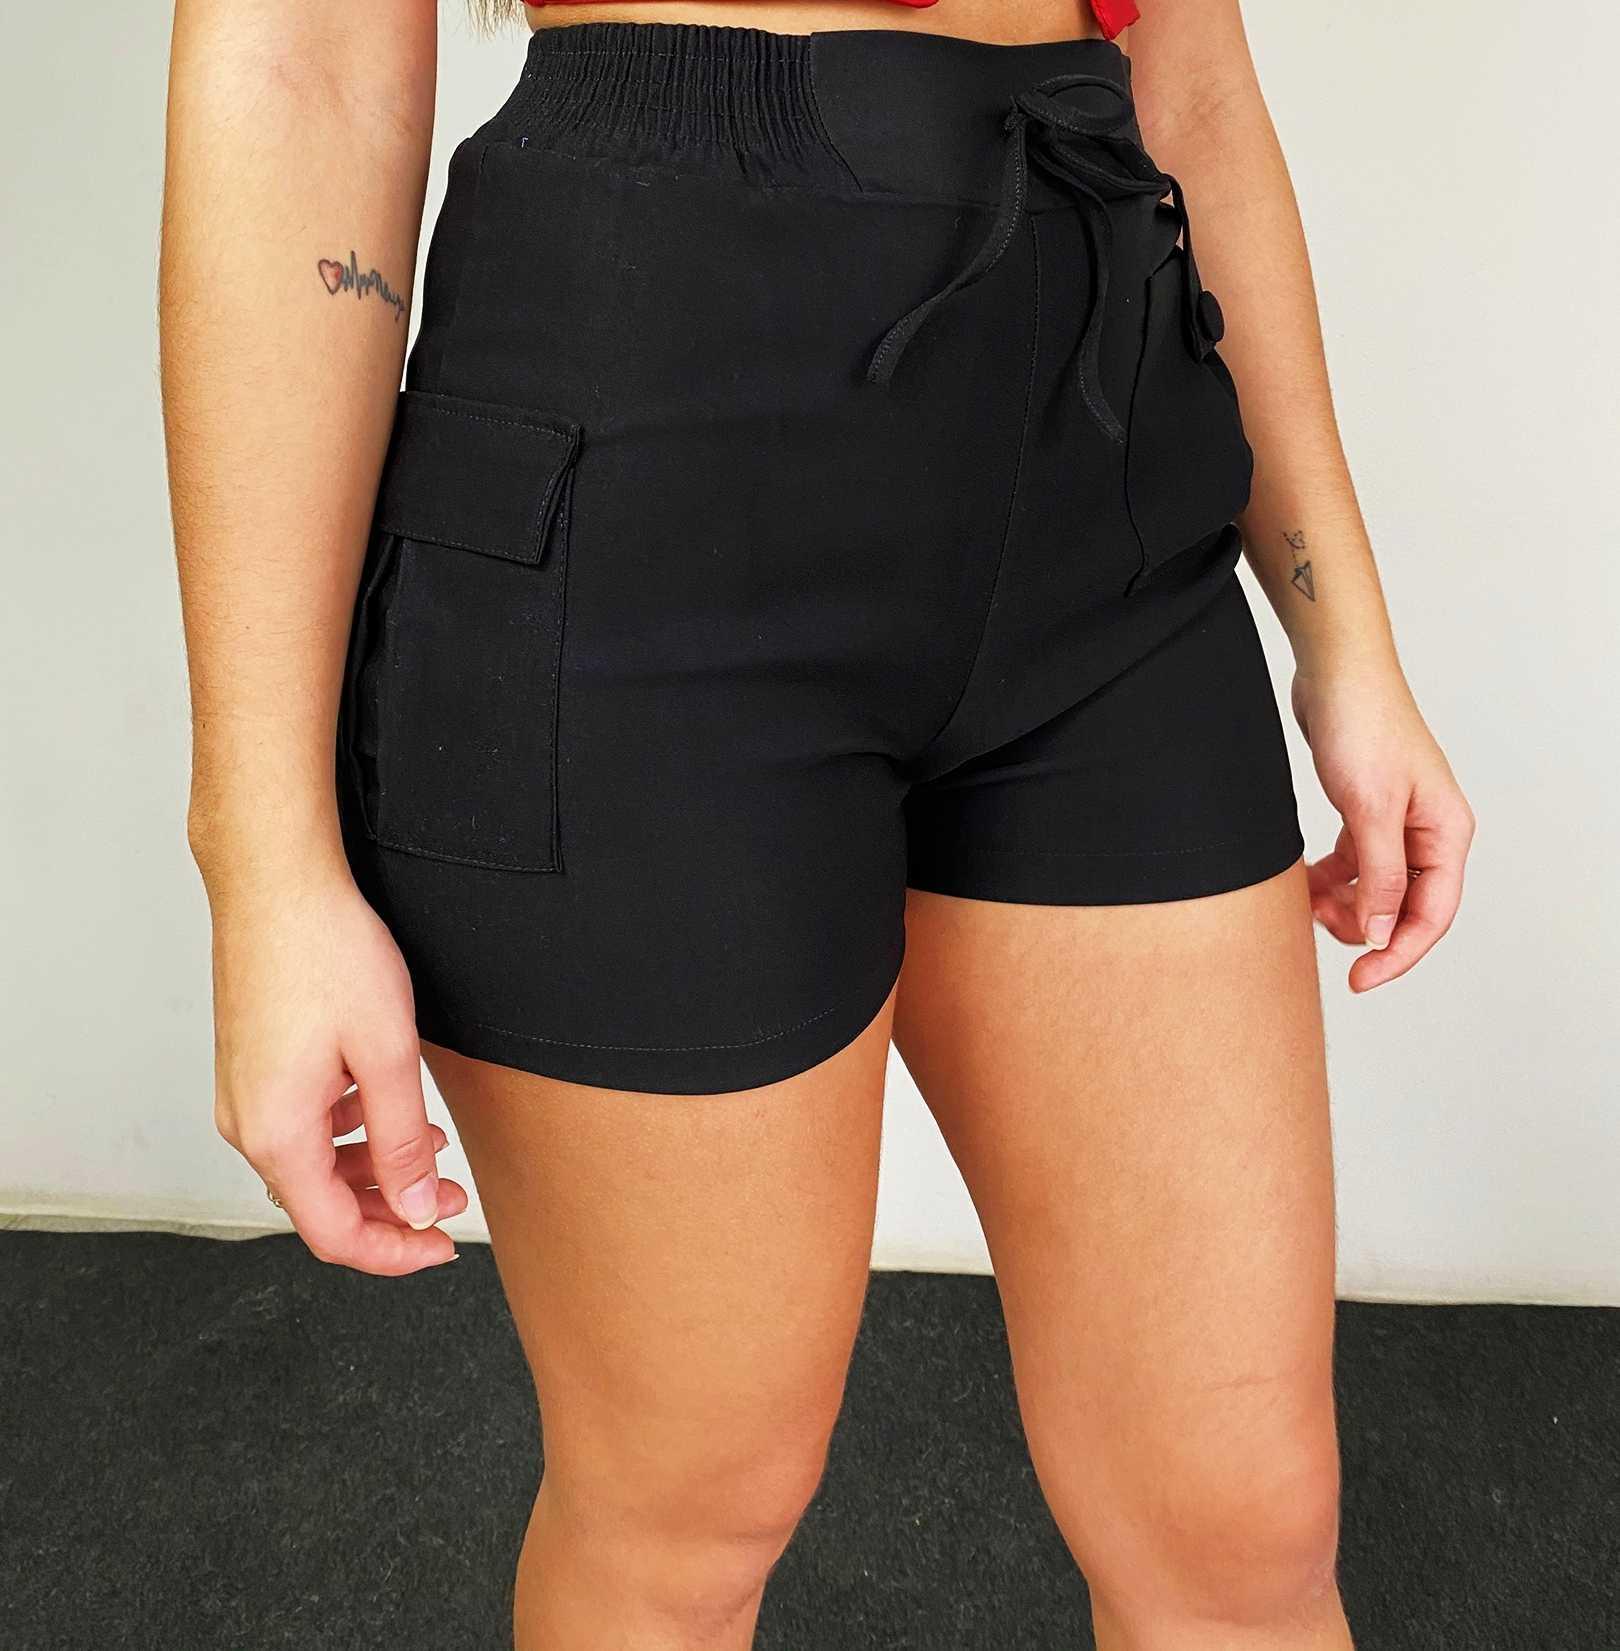 Shorts com cós de elástico e bolsos, ambos na lateral